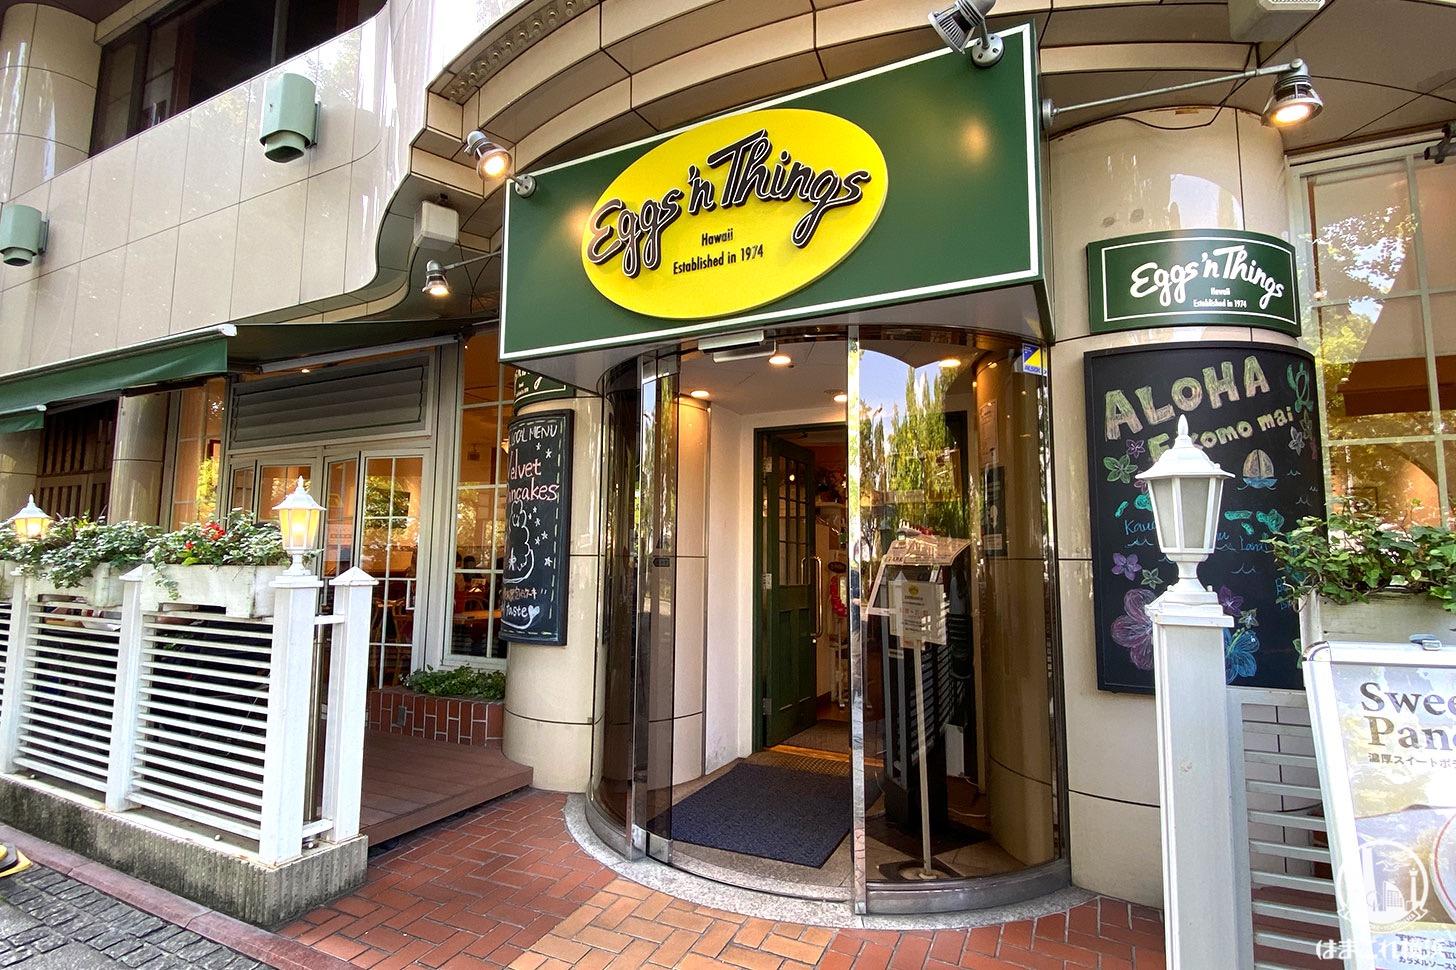 エッグスンシングス 横浜山下公園店 外観・入口